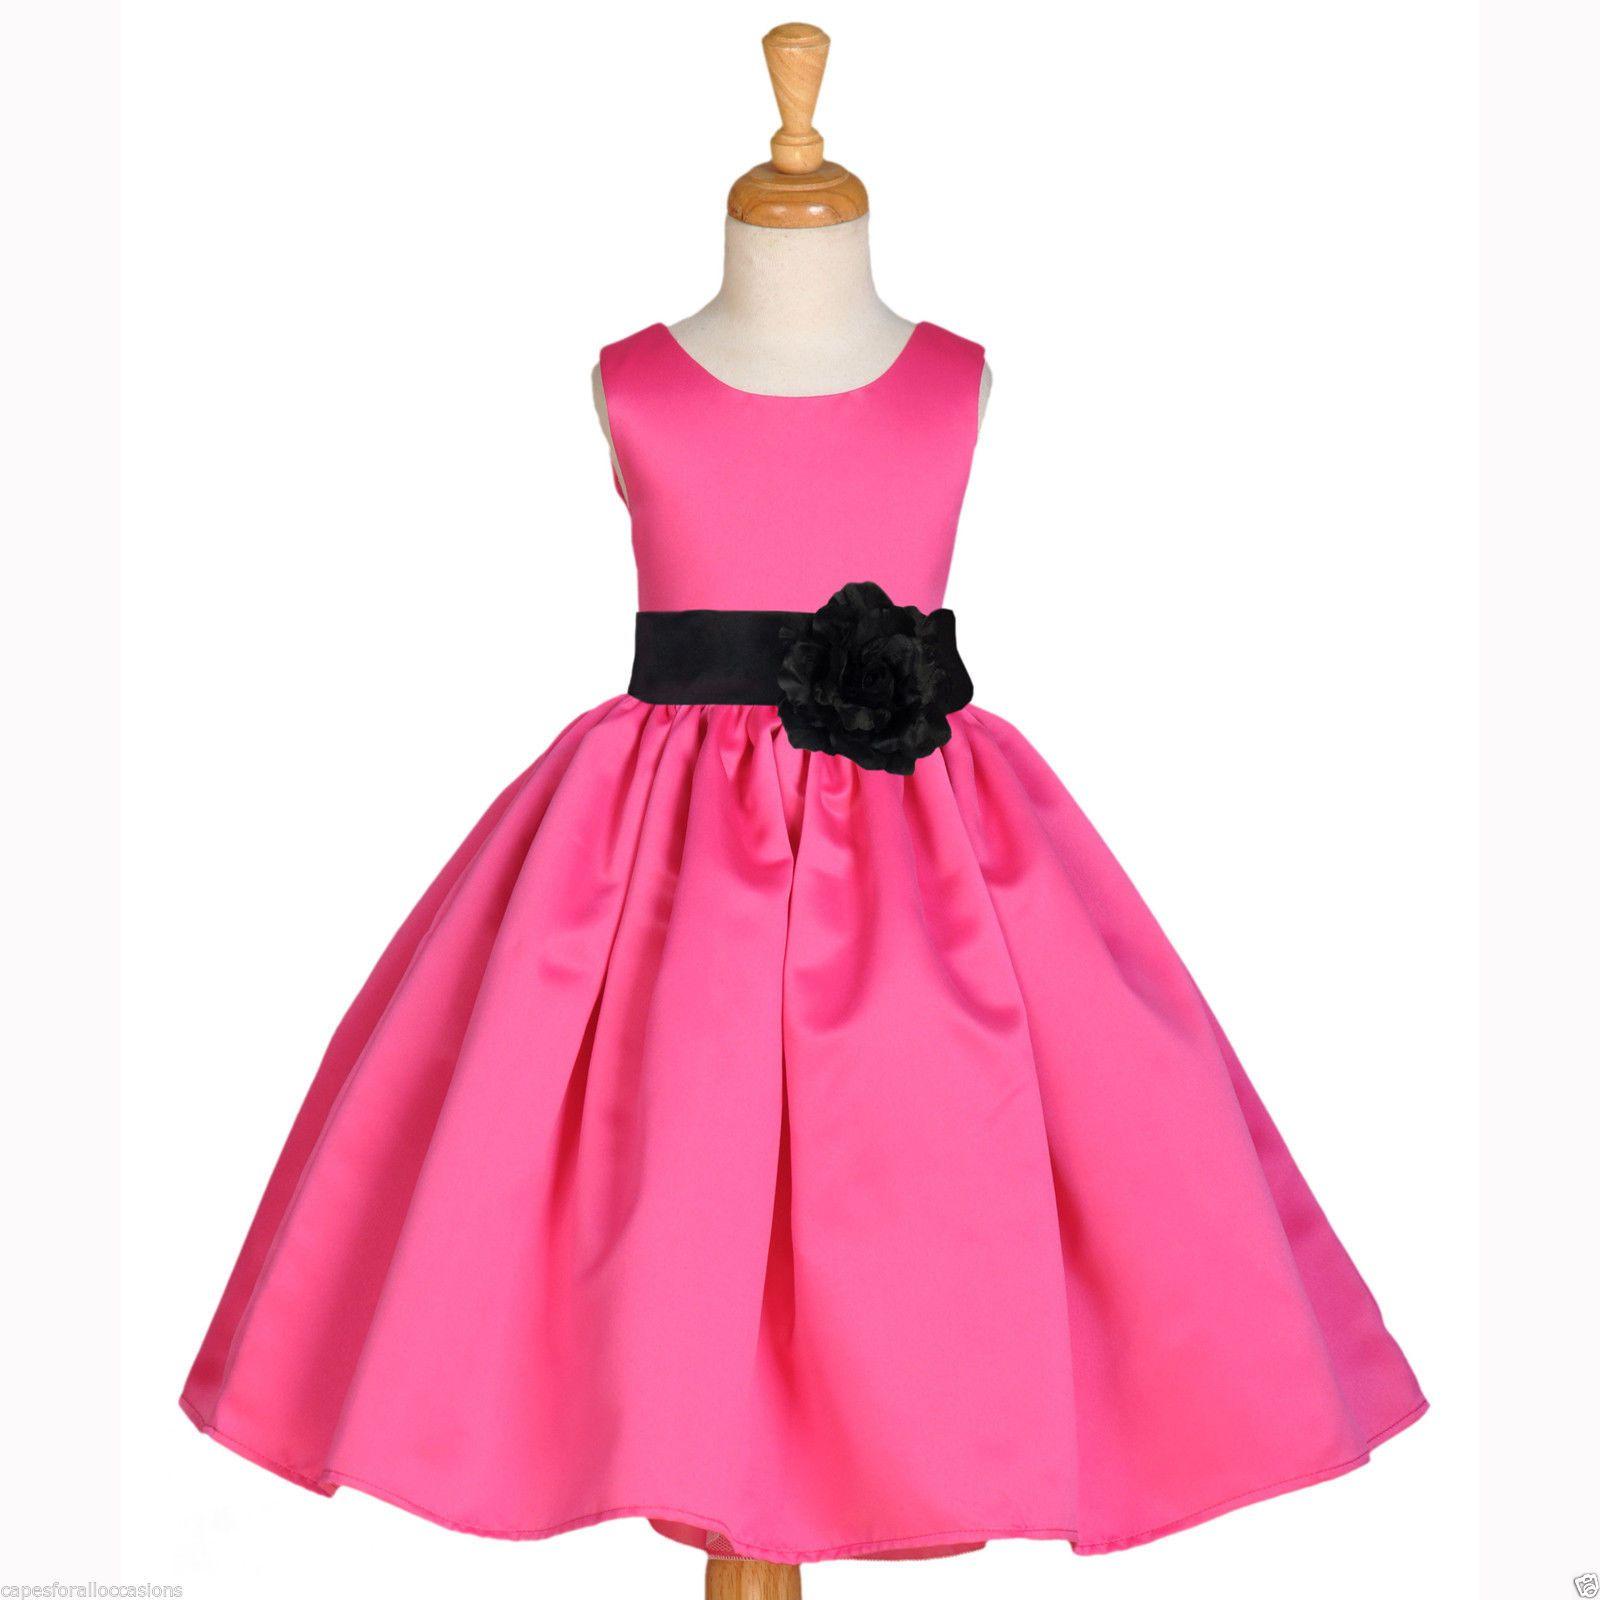 8185d9d2e Macchy Vestidos   De Fiesta Para Niñas - S . 164